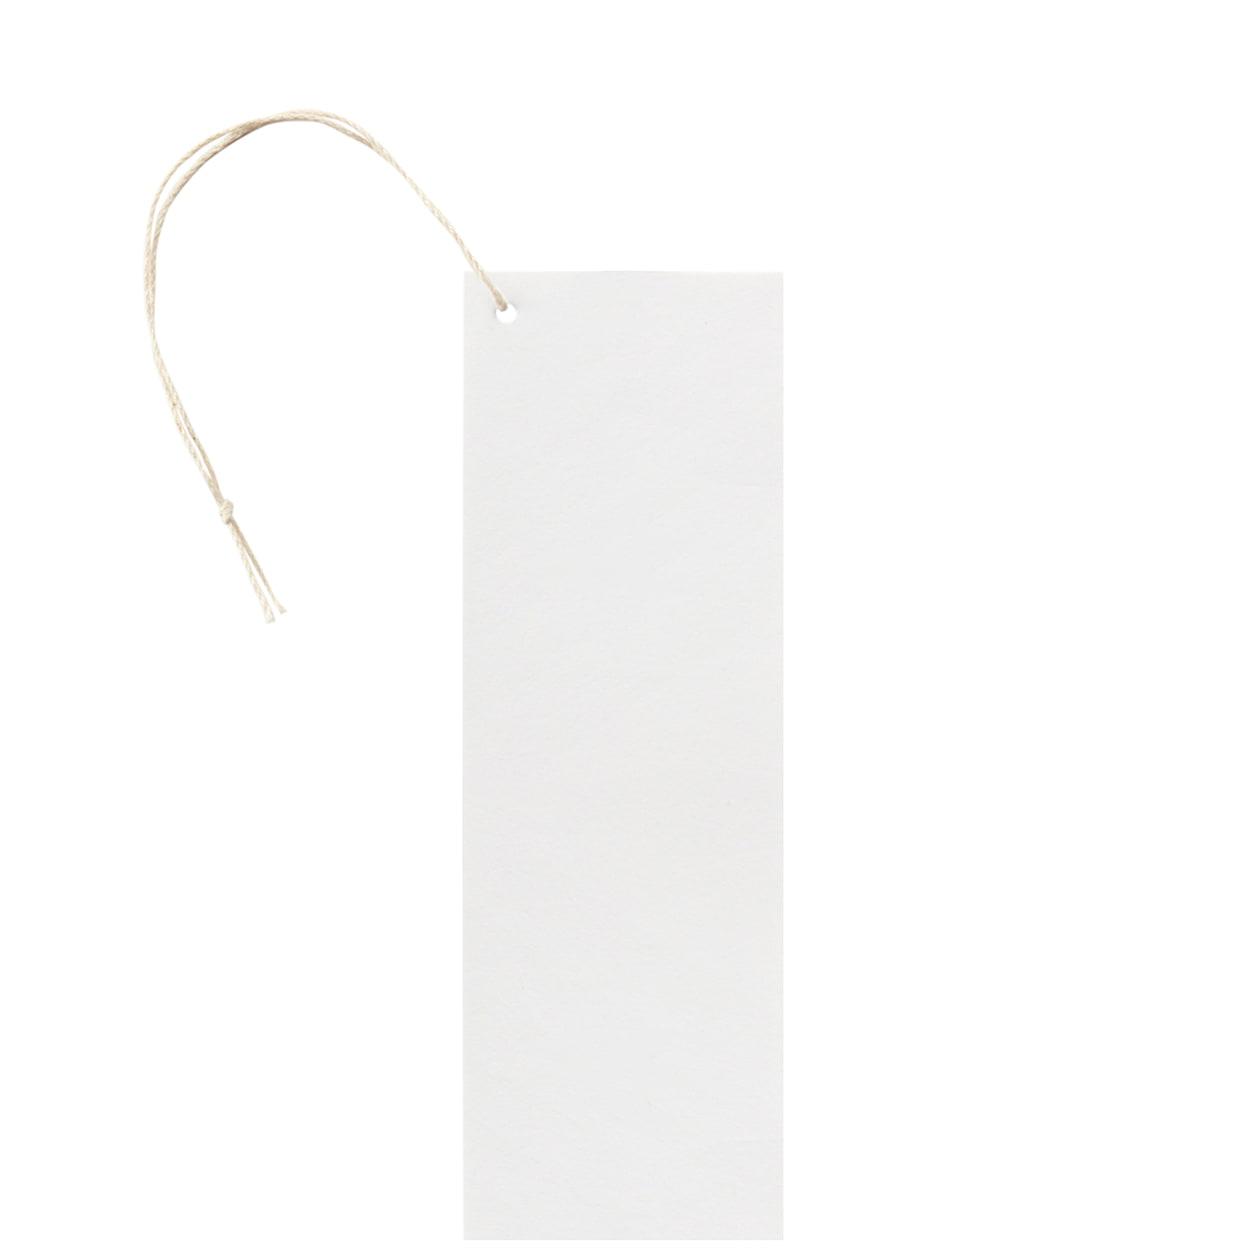 タグ50×150四角形(紐穴サイド) コットンスノーホワイト 232.8g タグ紐(細)コットン生成